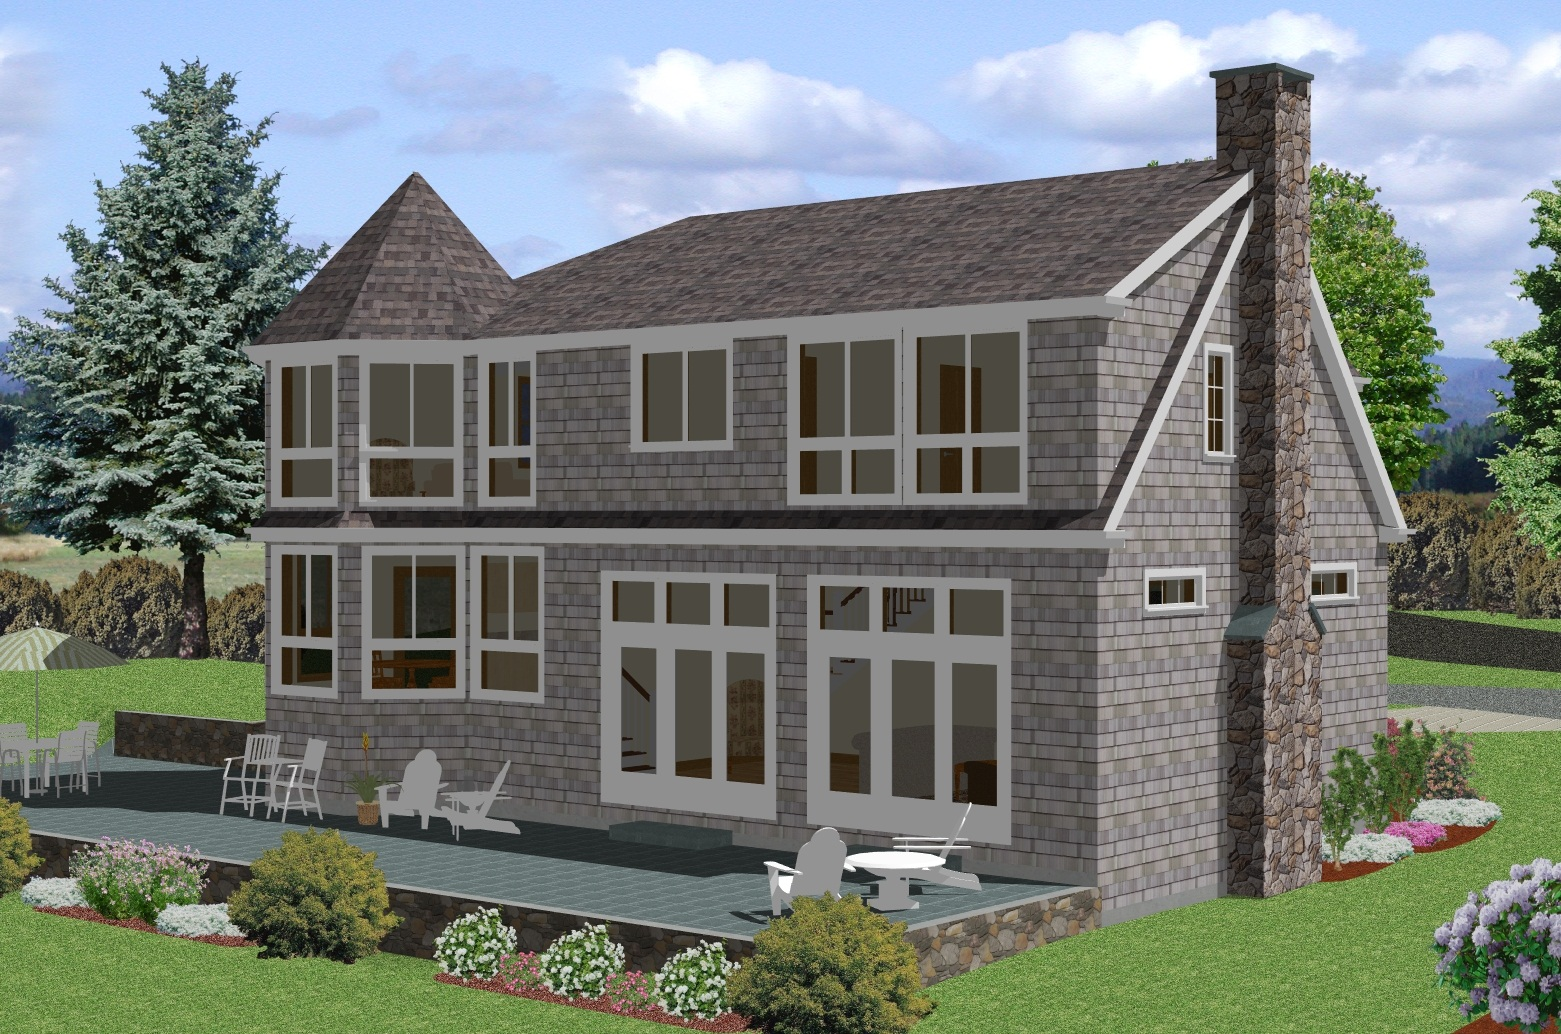 Descargar planos de casas y viviendas gratis fotos de for Casa modelo americano